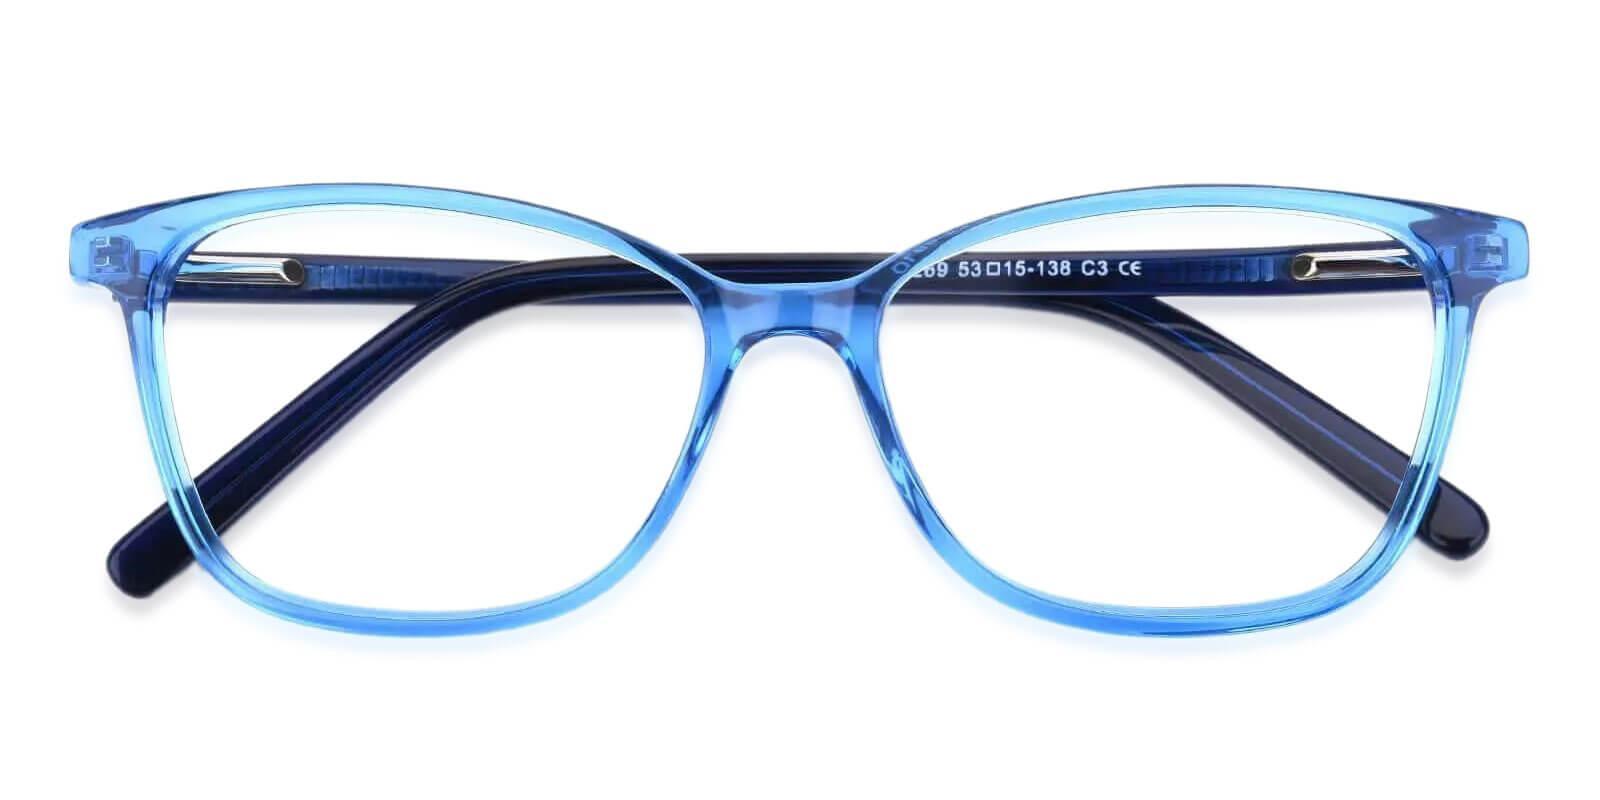 Belize Blue Acetate Eyeglasses , SpringHinges , UniversalBridgeFit Frames from ABBE Glasses